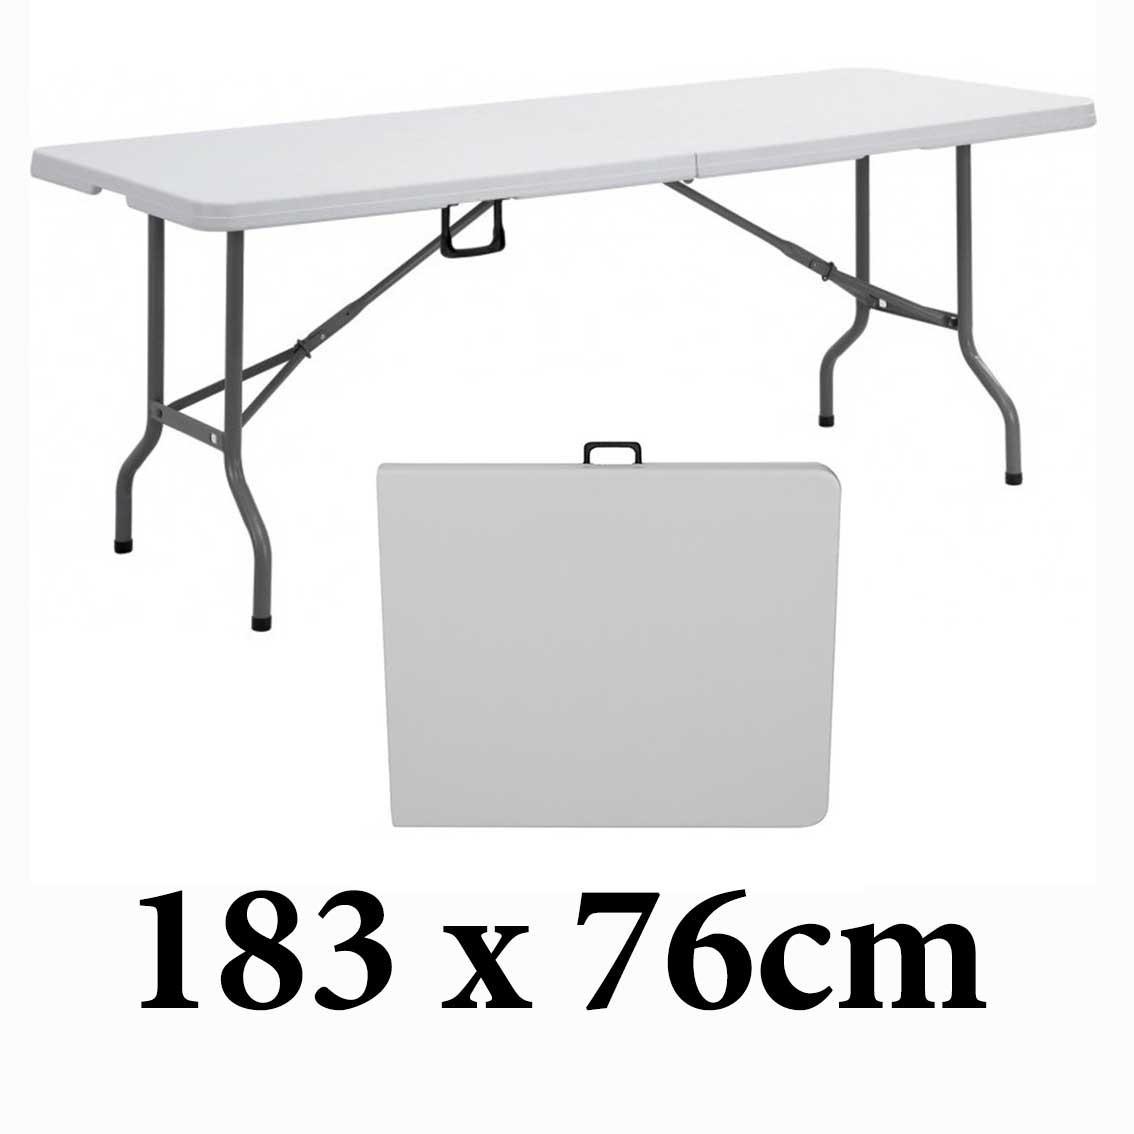 Πτυσσόμενο τραπέζι βαλίτσα Milano 183